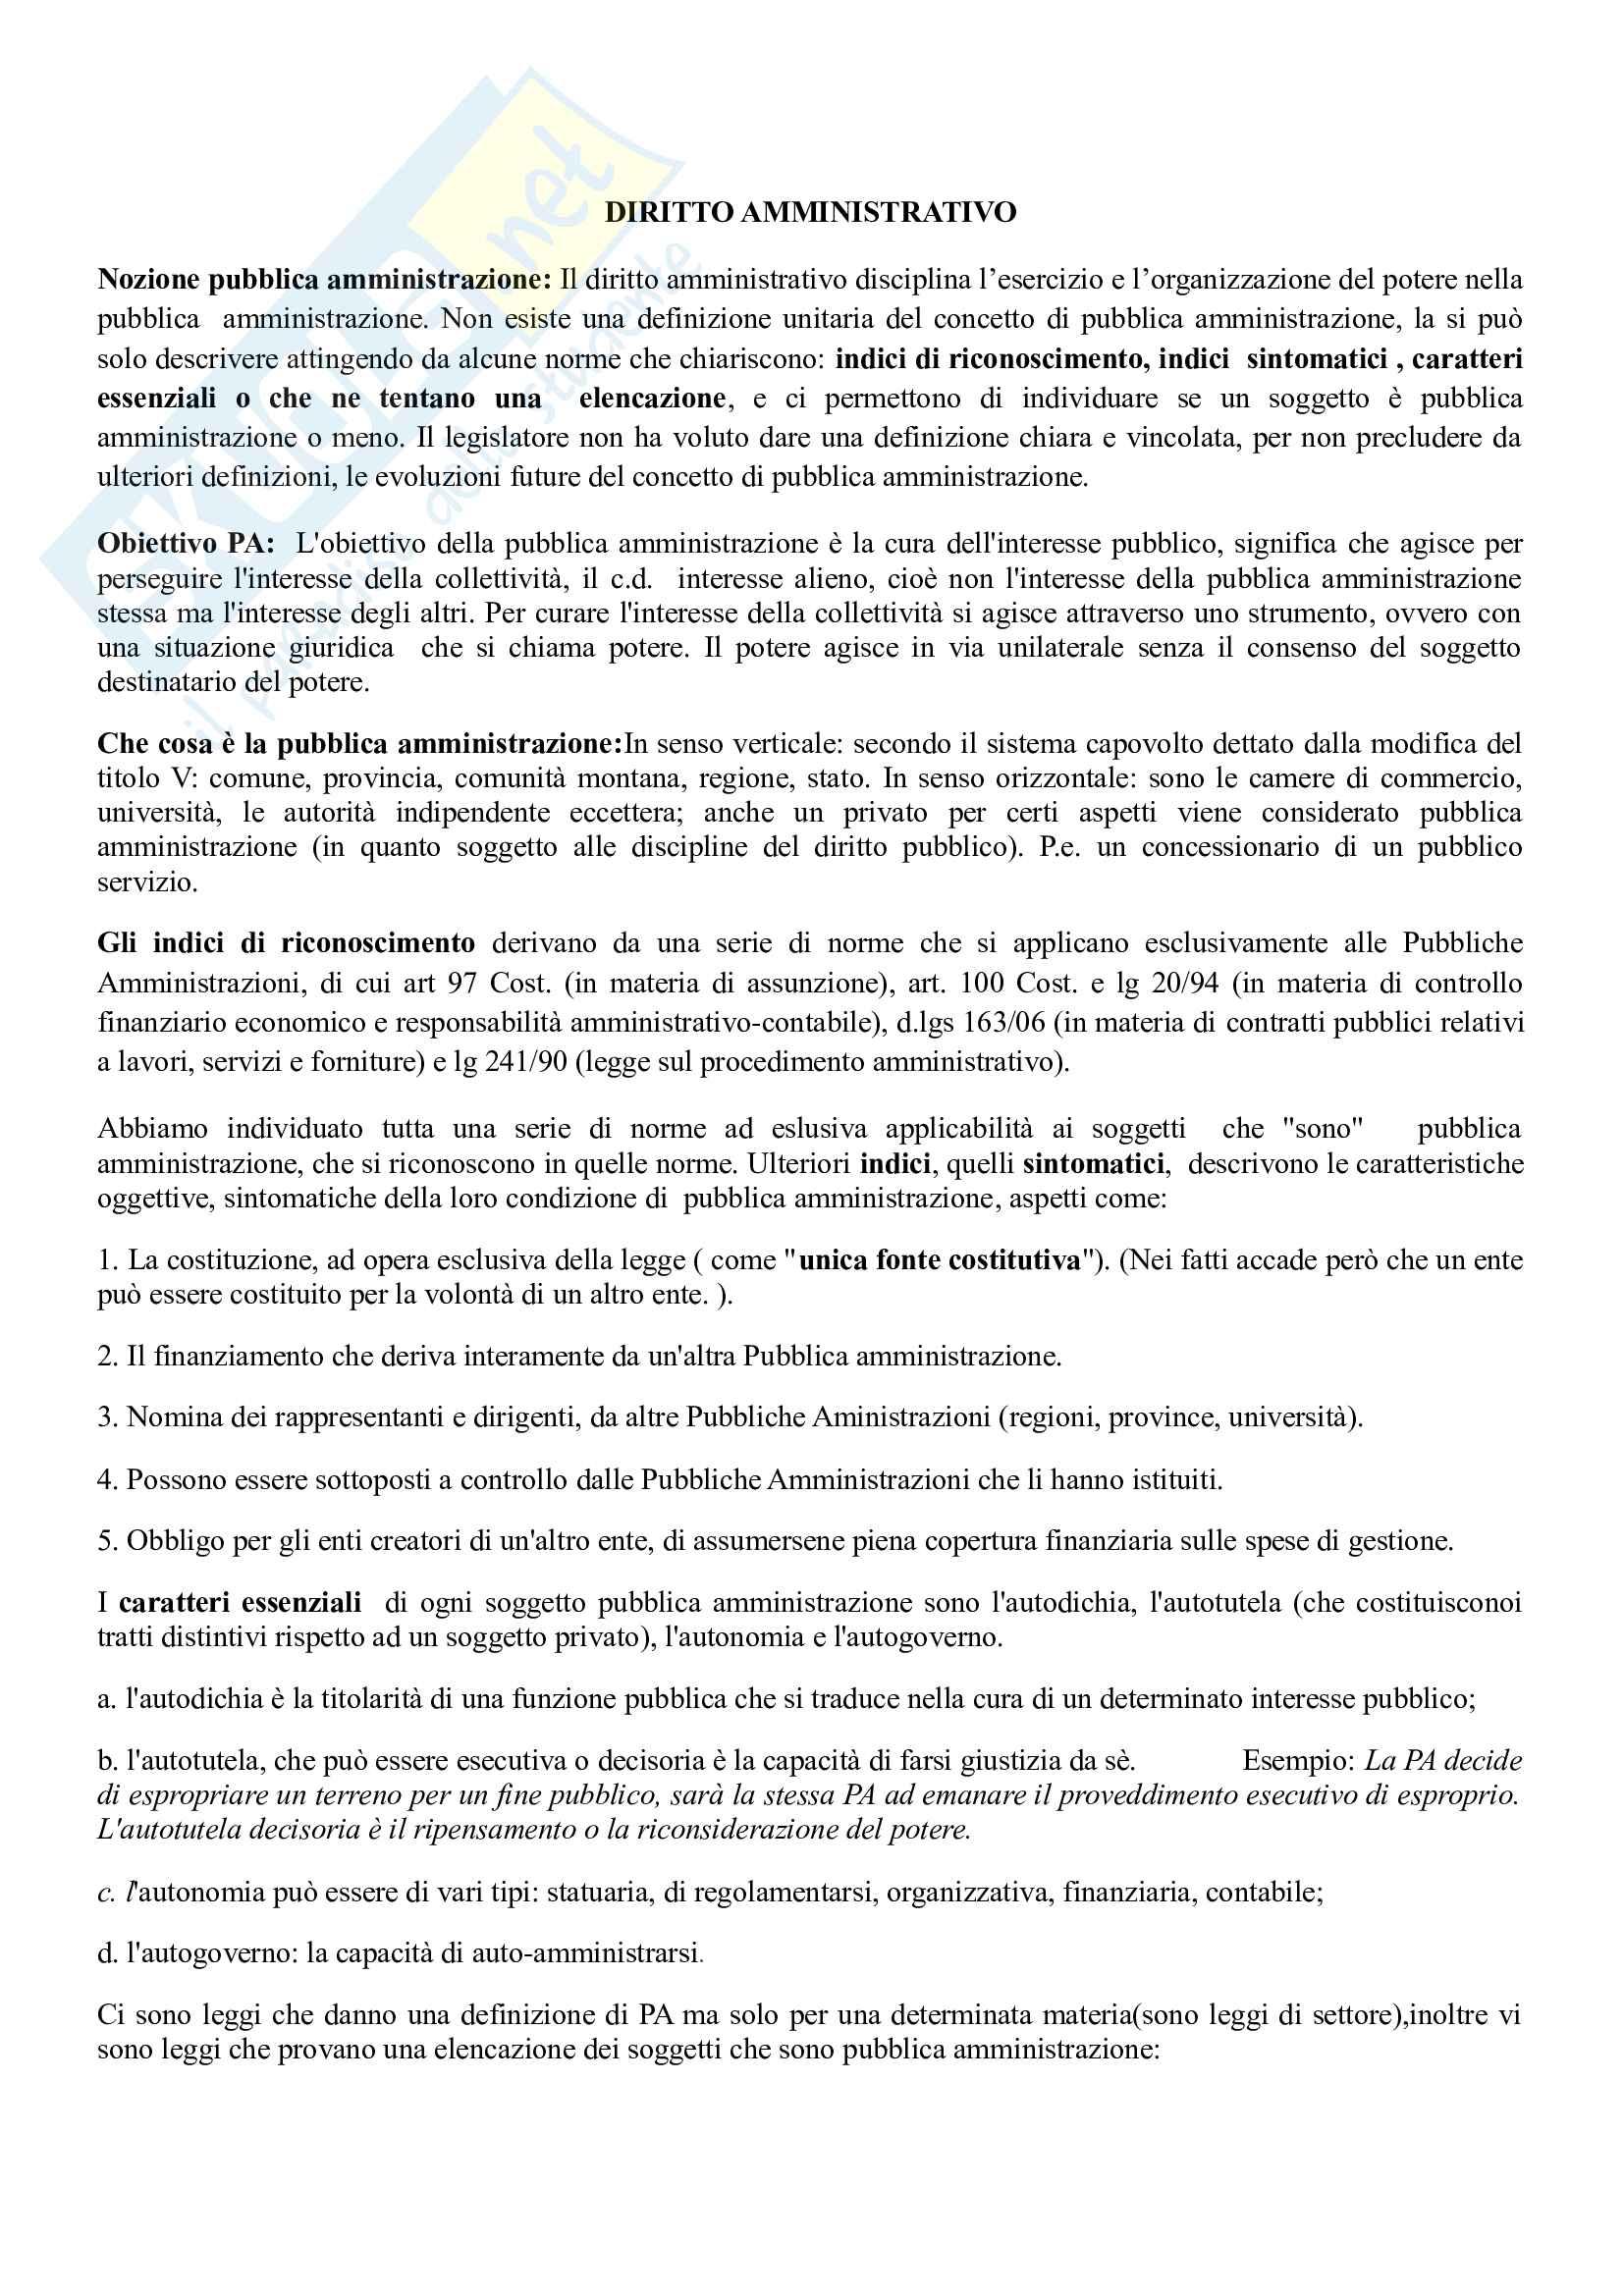 Diritto amministrativo - Appunti intere lezioni